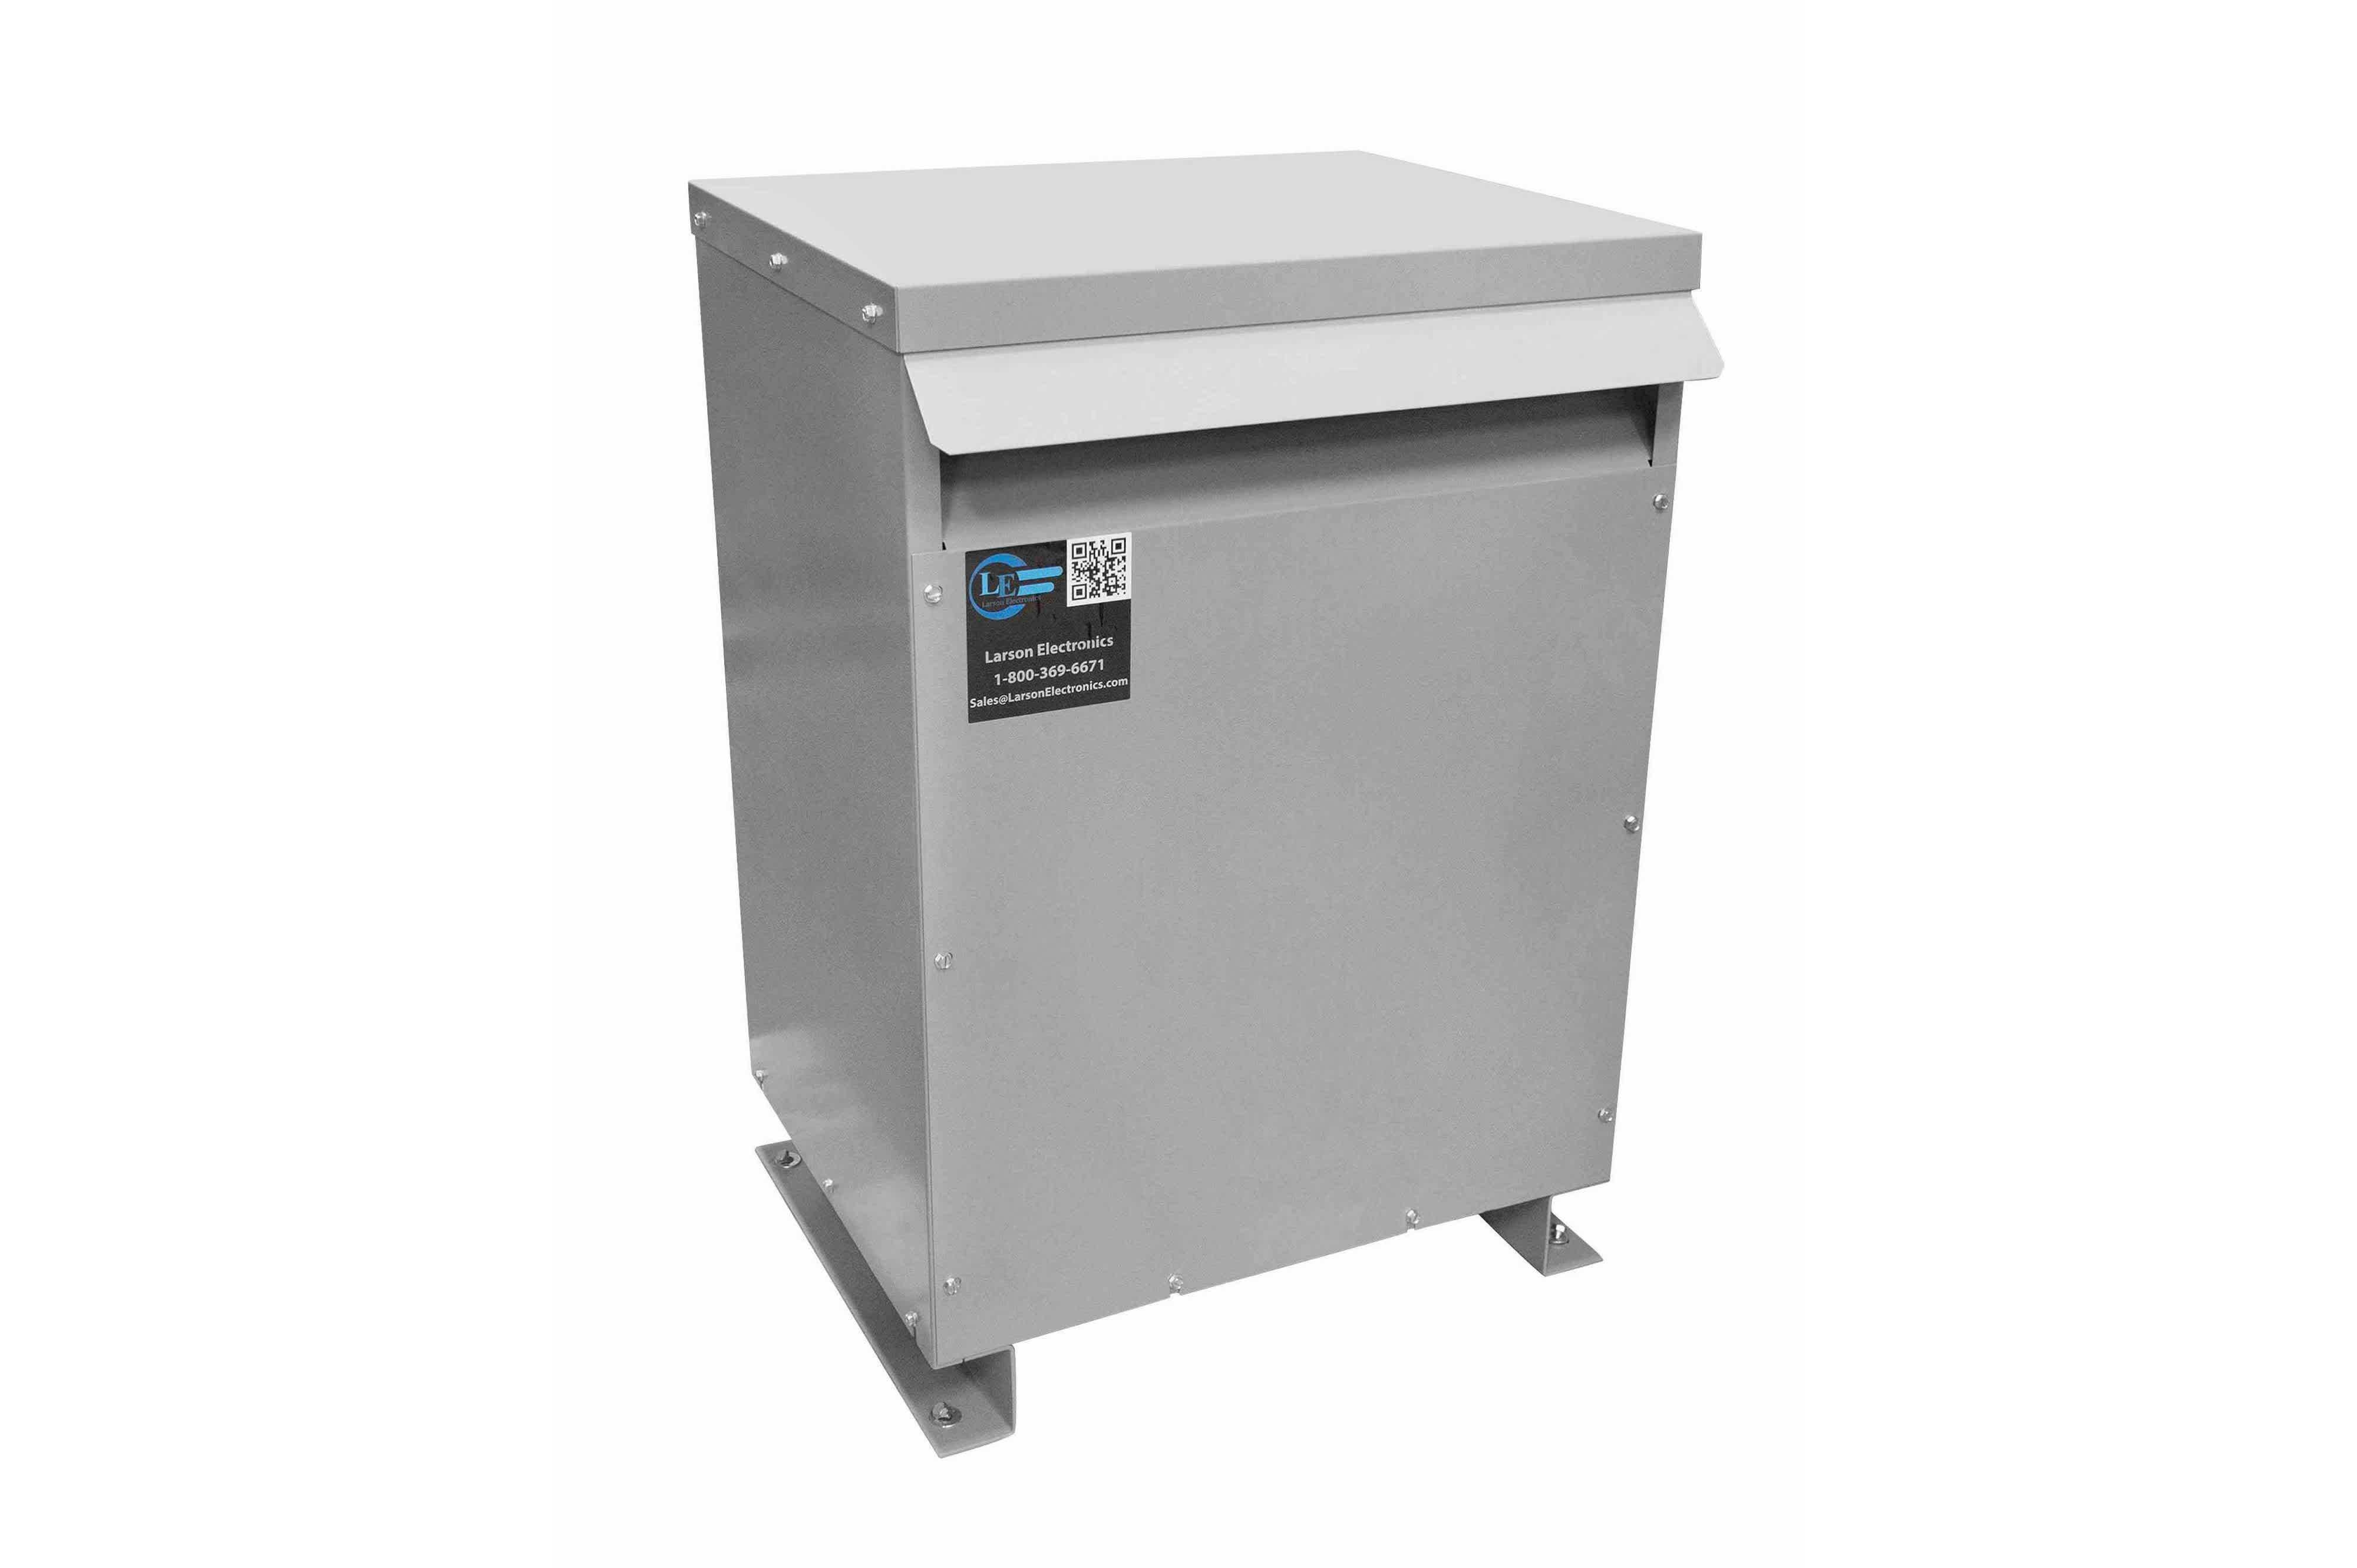 1000 kVA 3PH Isolation Transformer, 575V Delta Primary, 415V Delta Secondary, N3R, Ventilated, 60 Hz